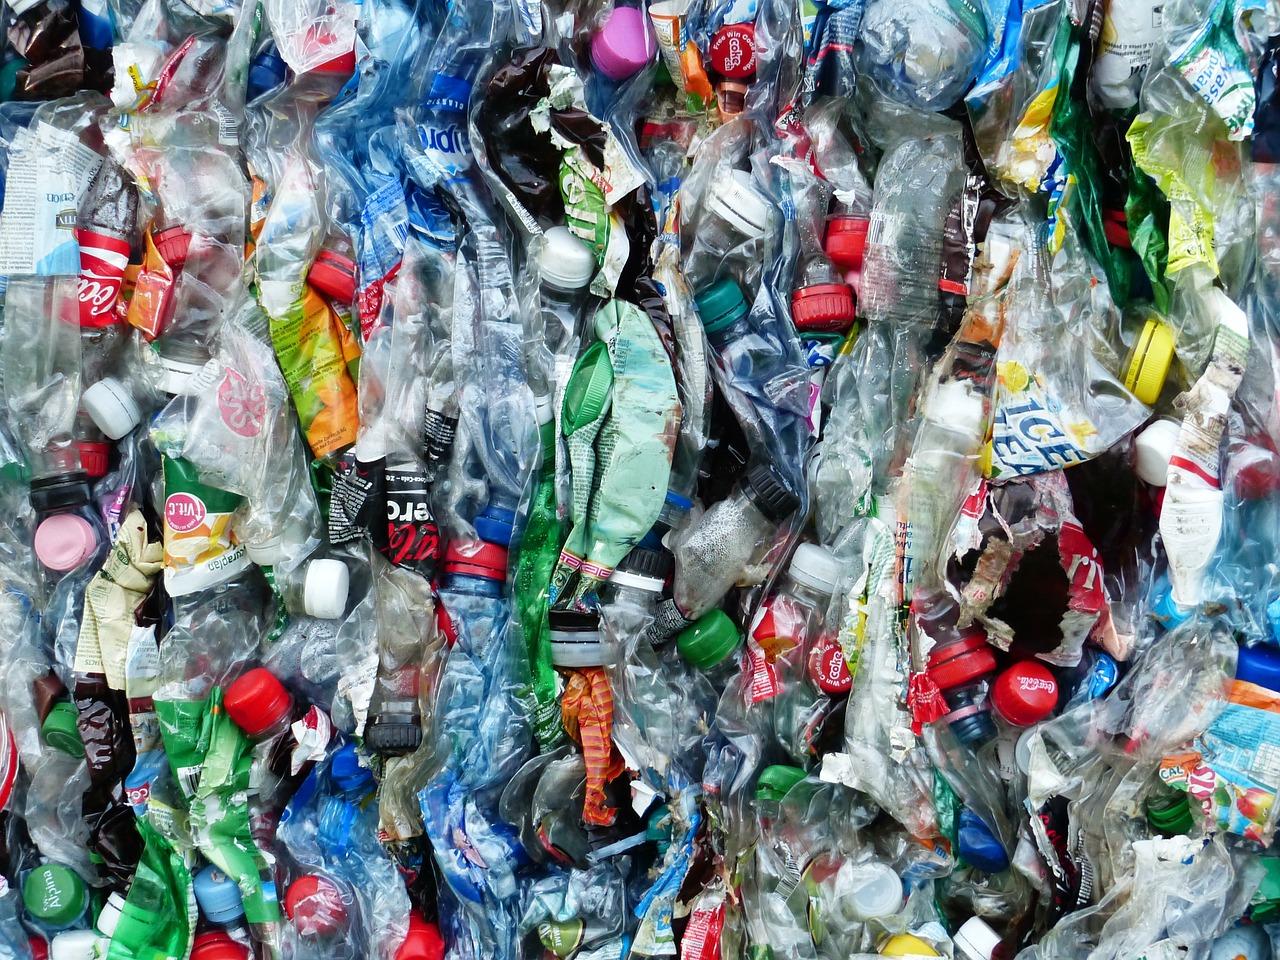 Le recyclage… On n'arrête pas le progrès !